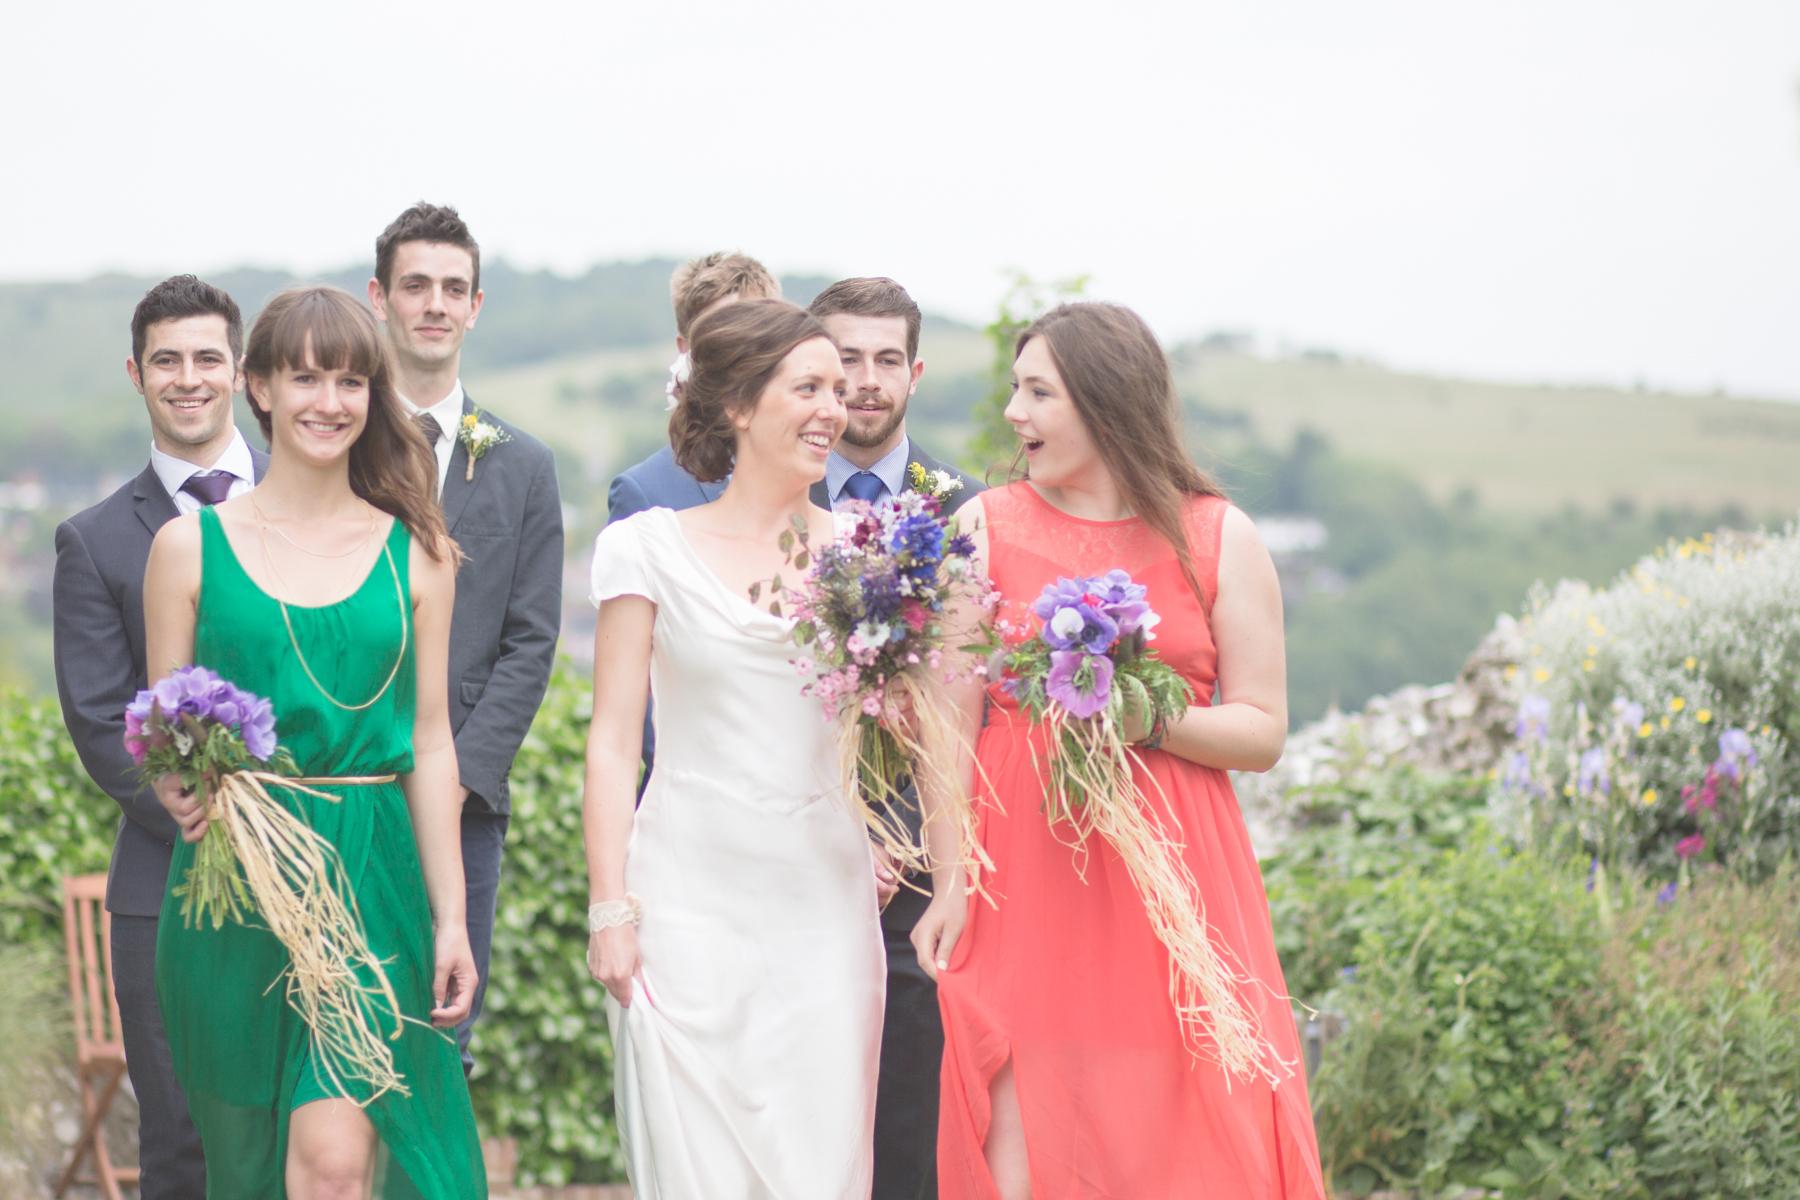 Lewes Castle wedding photographer whimsical wedding photography by Olivia Moon Photography